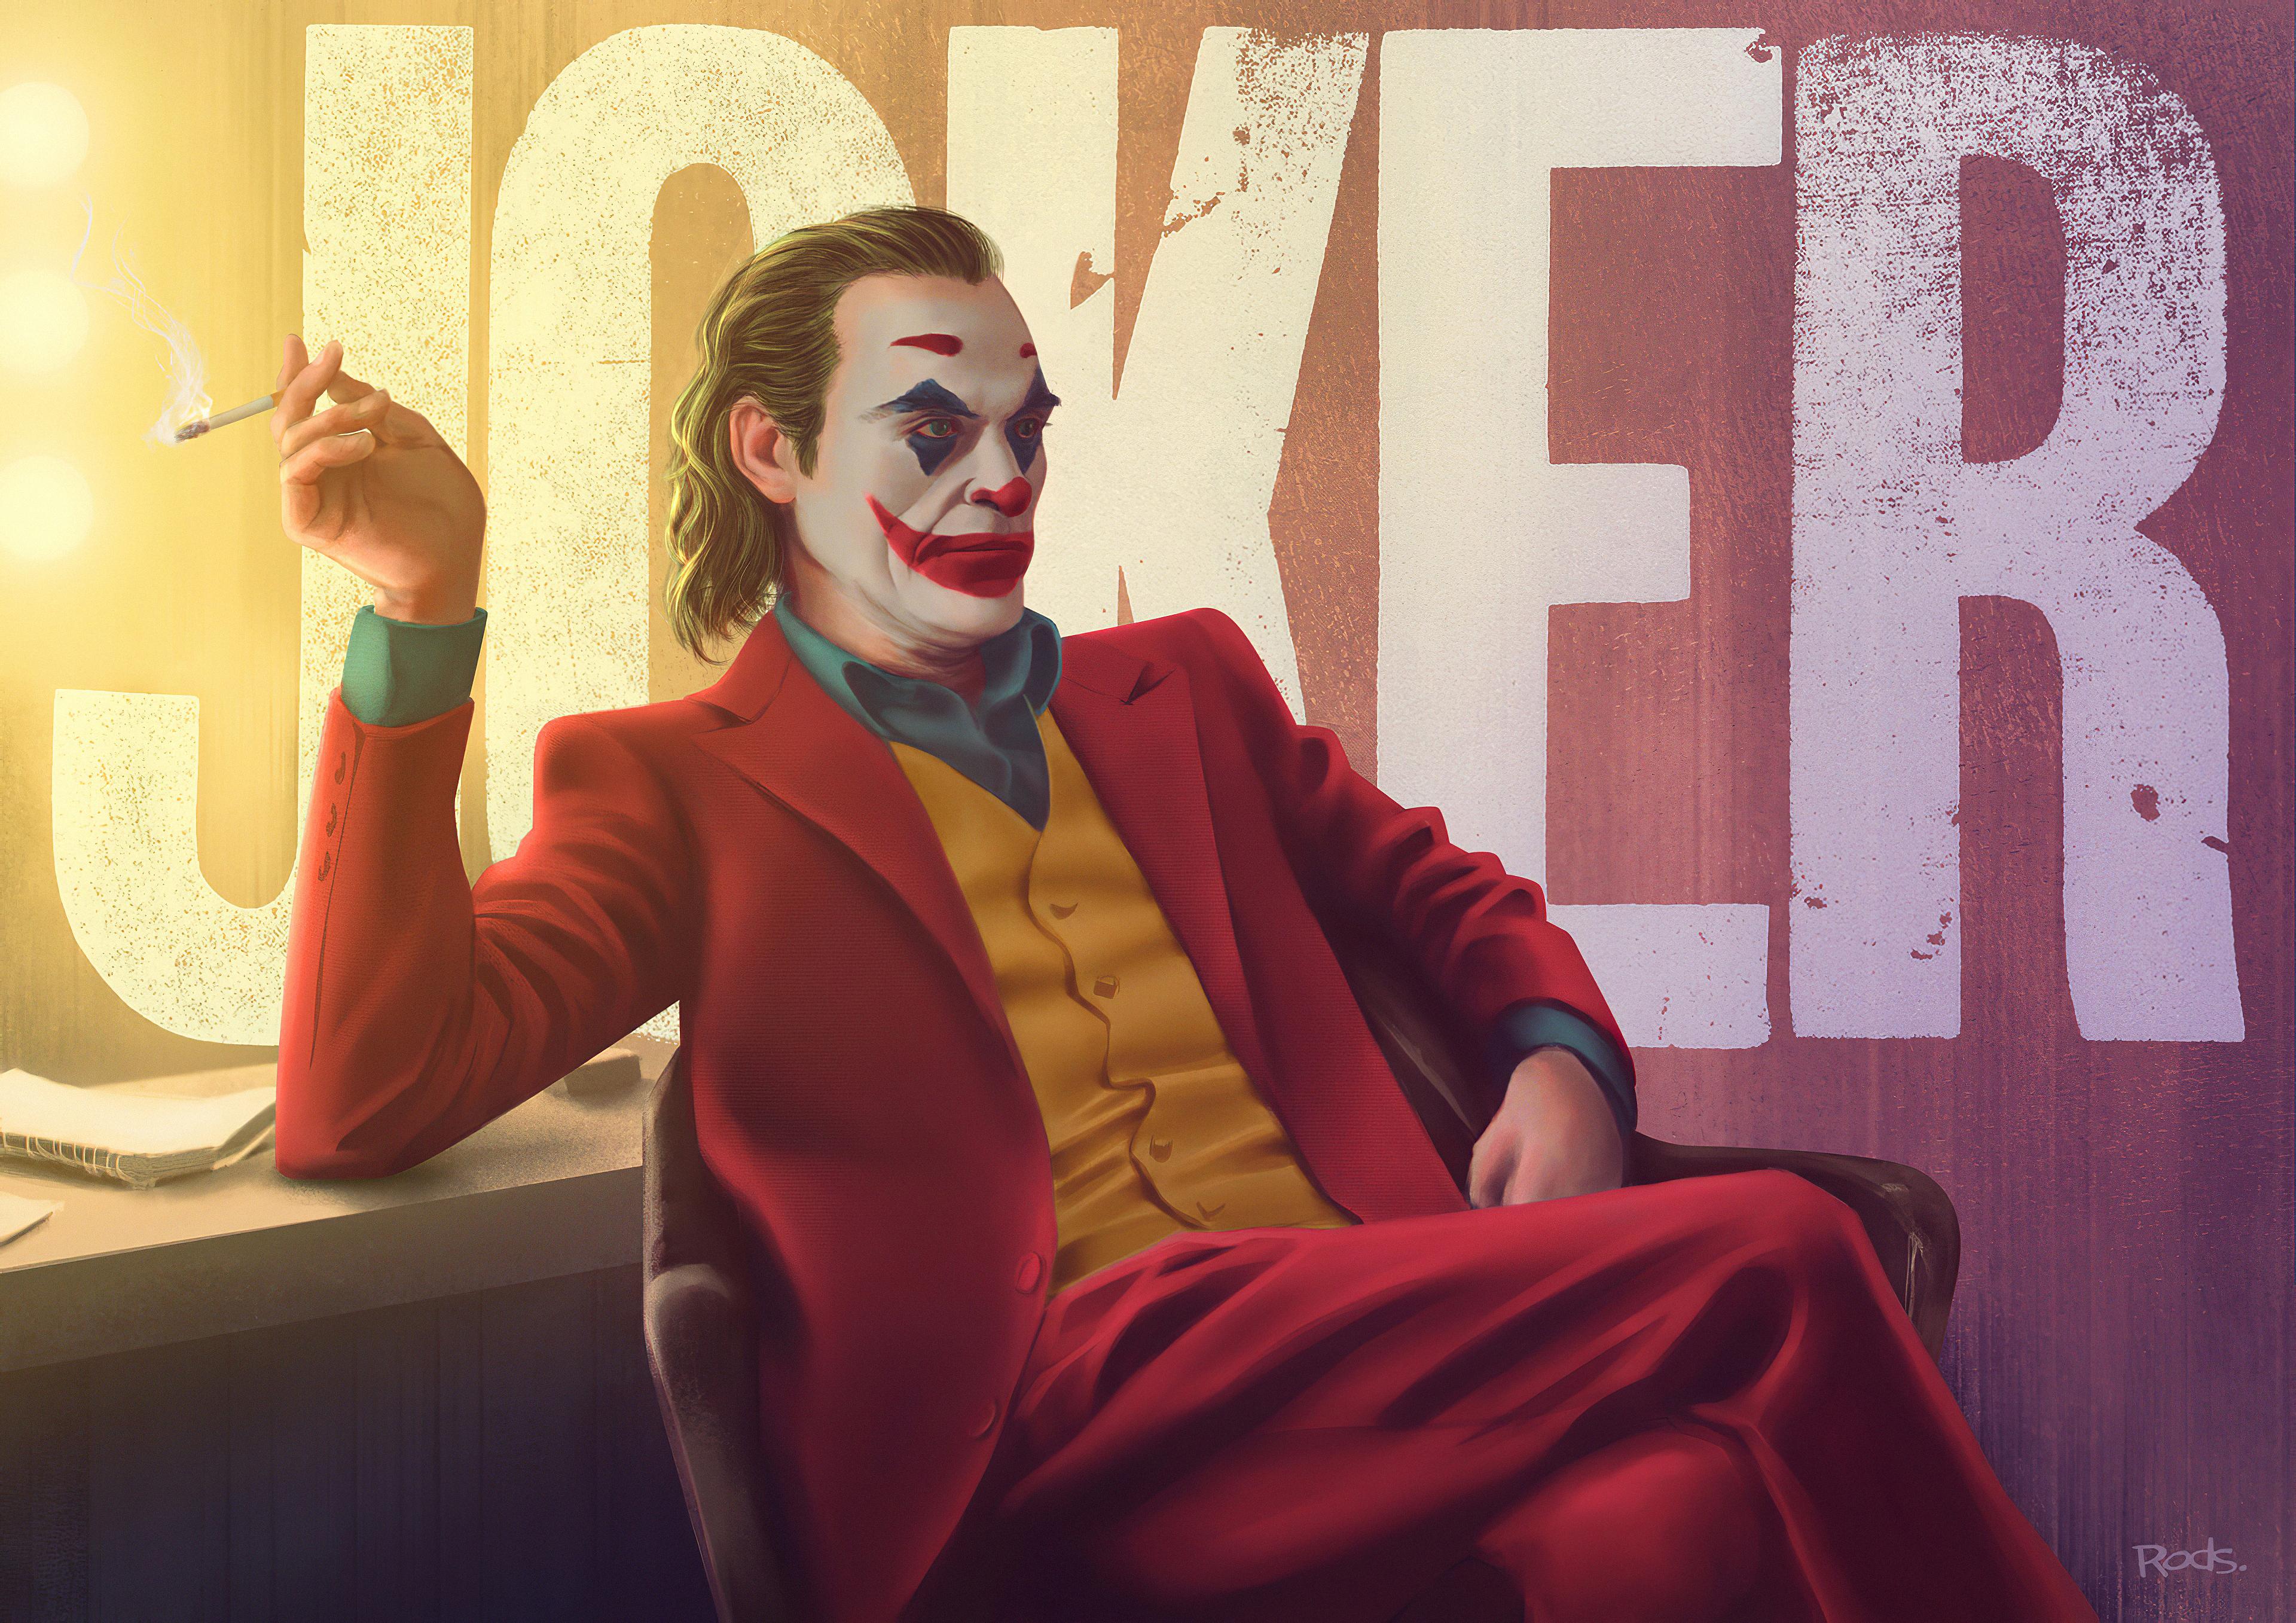 joker smoking art 1576089126 - Joker Smoking art - Joker Smoking wallpaper hd 4k